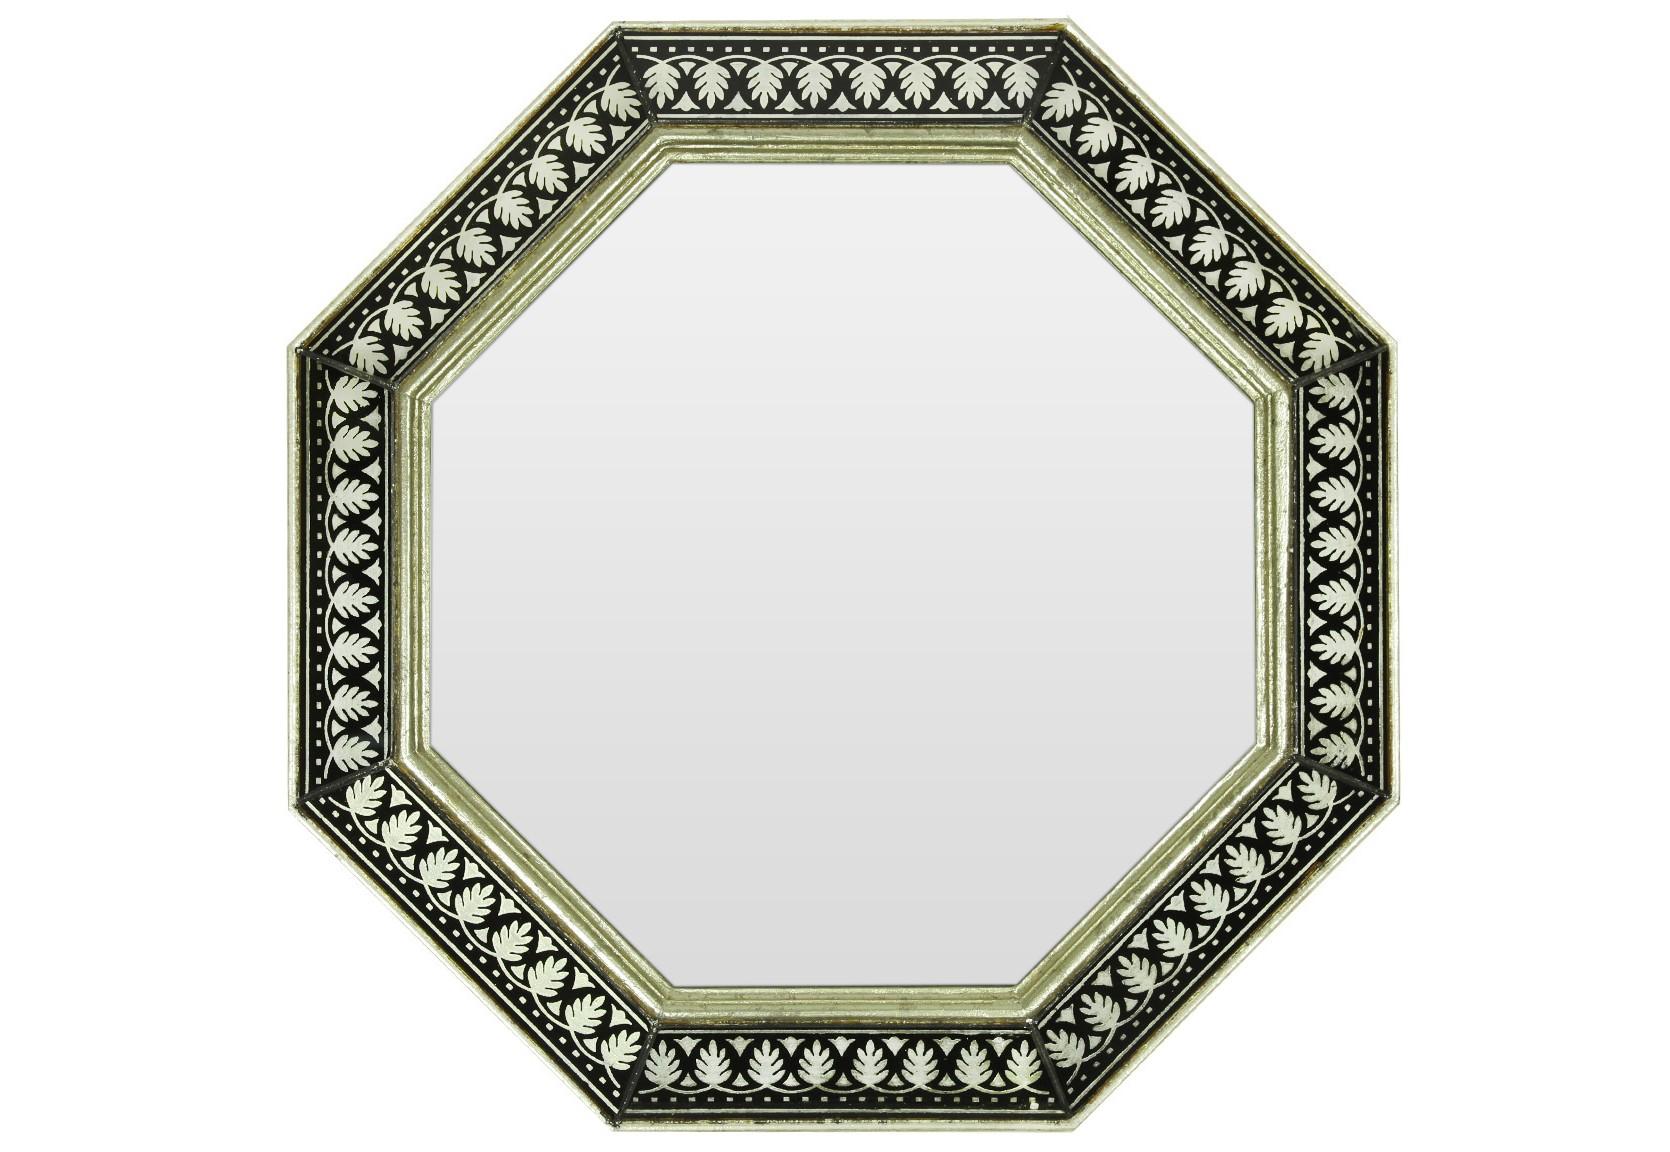 Зеркало ручной работы Наследие орнаментовНастенные зеркала<br>Когда художник находится в процессе творчества, его могут вдохновить совершенно неожиданные вещи. Например, старинные книги по архитектуре, на страницах которых создатель зеркала нашел удивительный флористический орнамент. Особенно роскошно этот рисунок смотрится в приятном оттенке шампань, исполненном на темной раме из натурального дерева.&amp;amp;nbsp;&amp;lt;div&amp;gt;&amp;lt;br&amp;gt;&amp;lt;/div&amp;gt;&amp;lt;div&amp;gt;Материалы: основа - массив дерева; рама - классическое стекло с нанесенным поталью орнаментом; зеркальное полотно - классическое зеркало серебряной амальгамы.&amp;lt;/div&amp;gt;<br><br>Material: Дерево<br>Ширина см: 60.0<br>Высота см: 60.0<br>Глубина см: 4.0